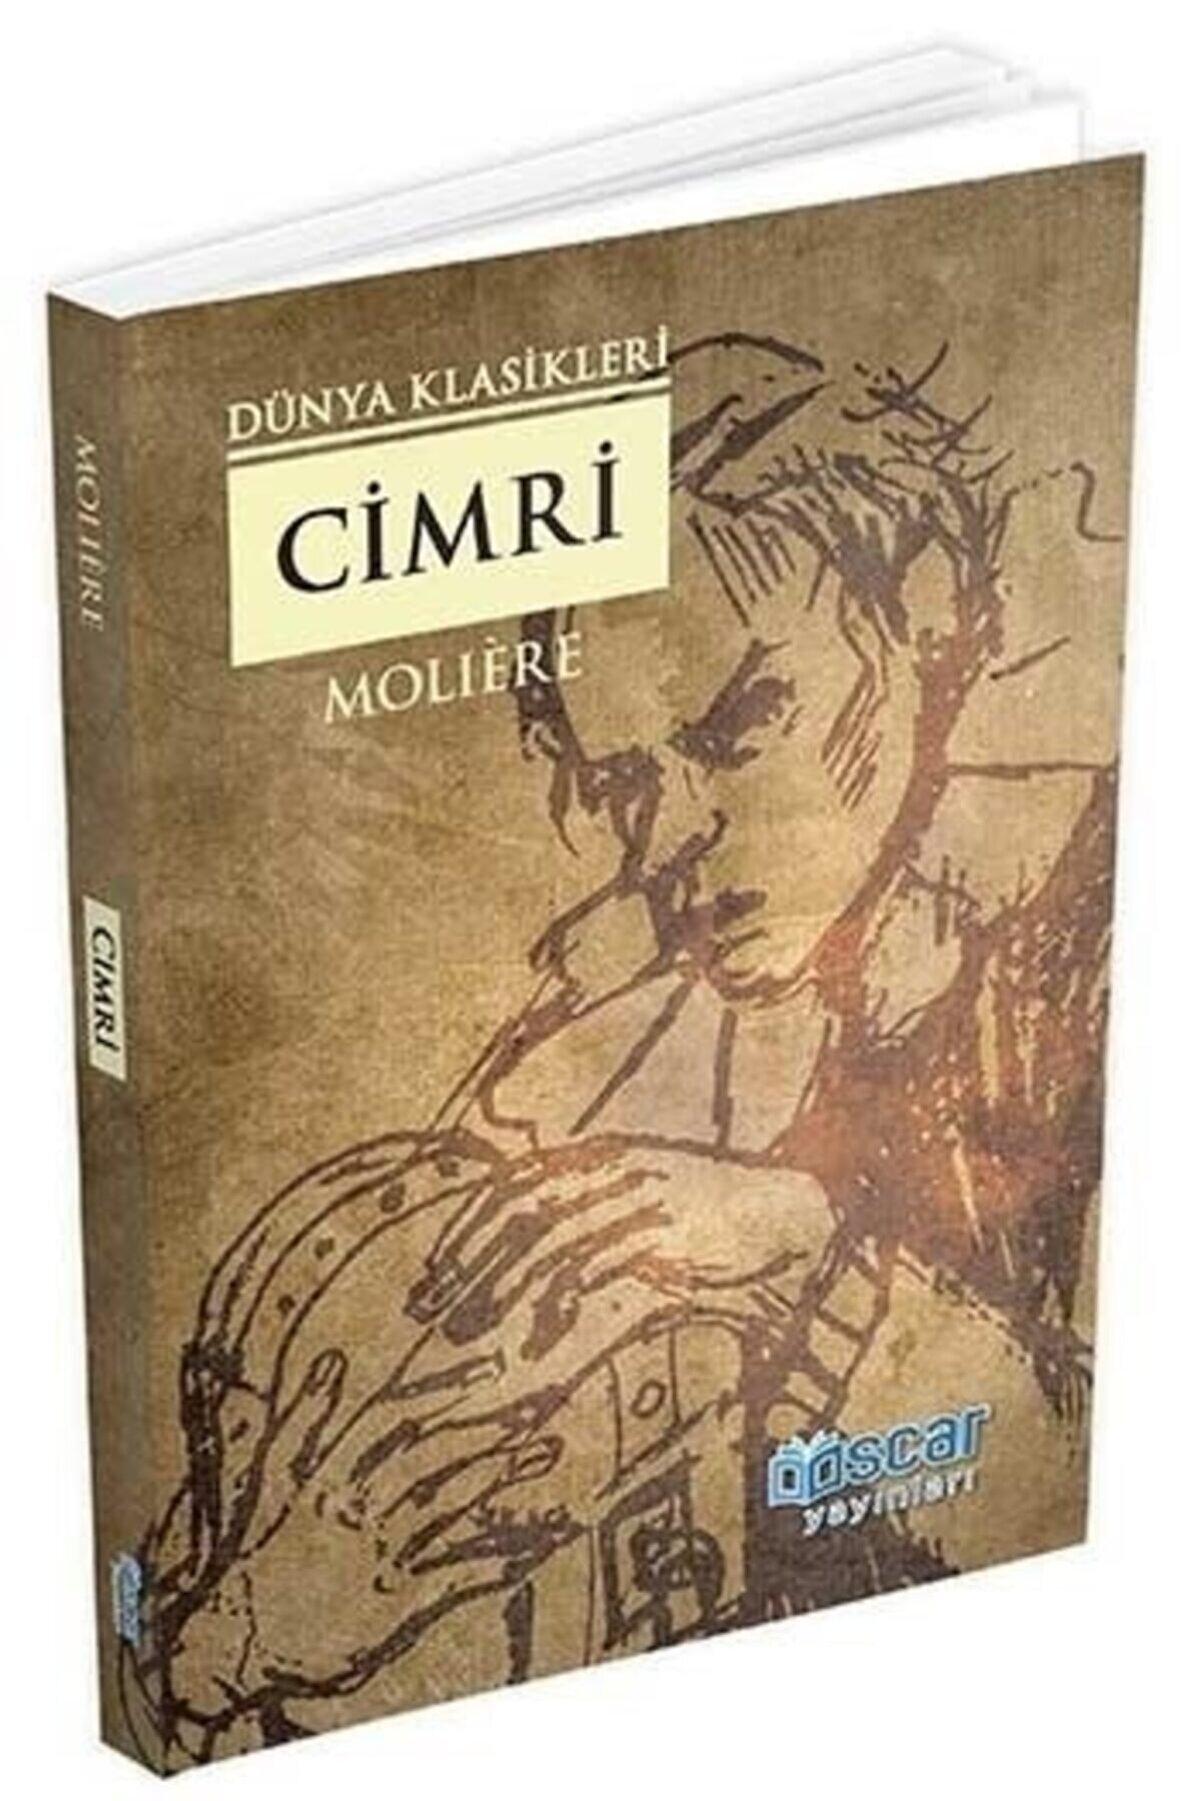 Oscar Yayıncılık Dünya Klasikleri Cimri Moliere